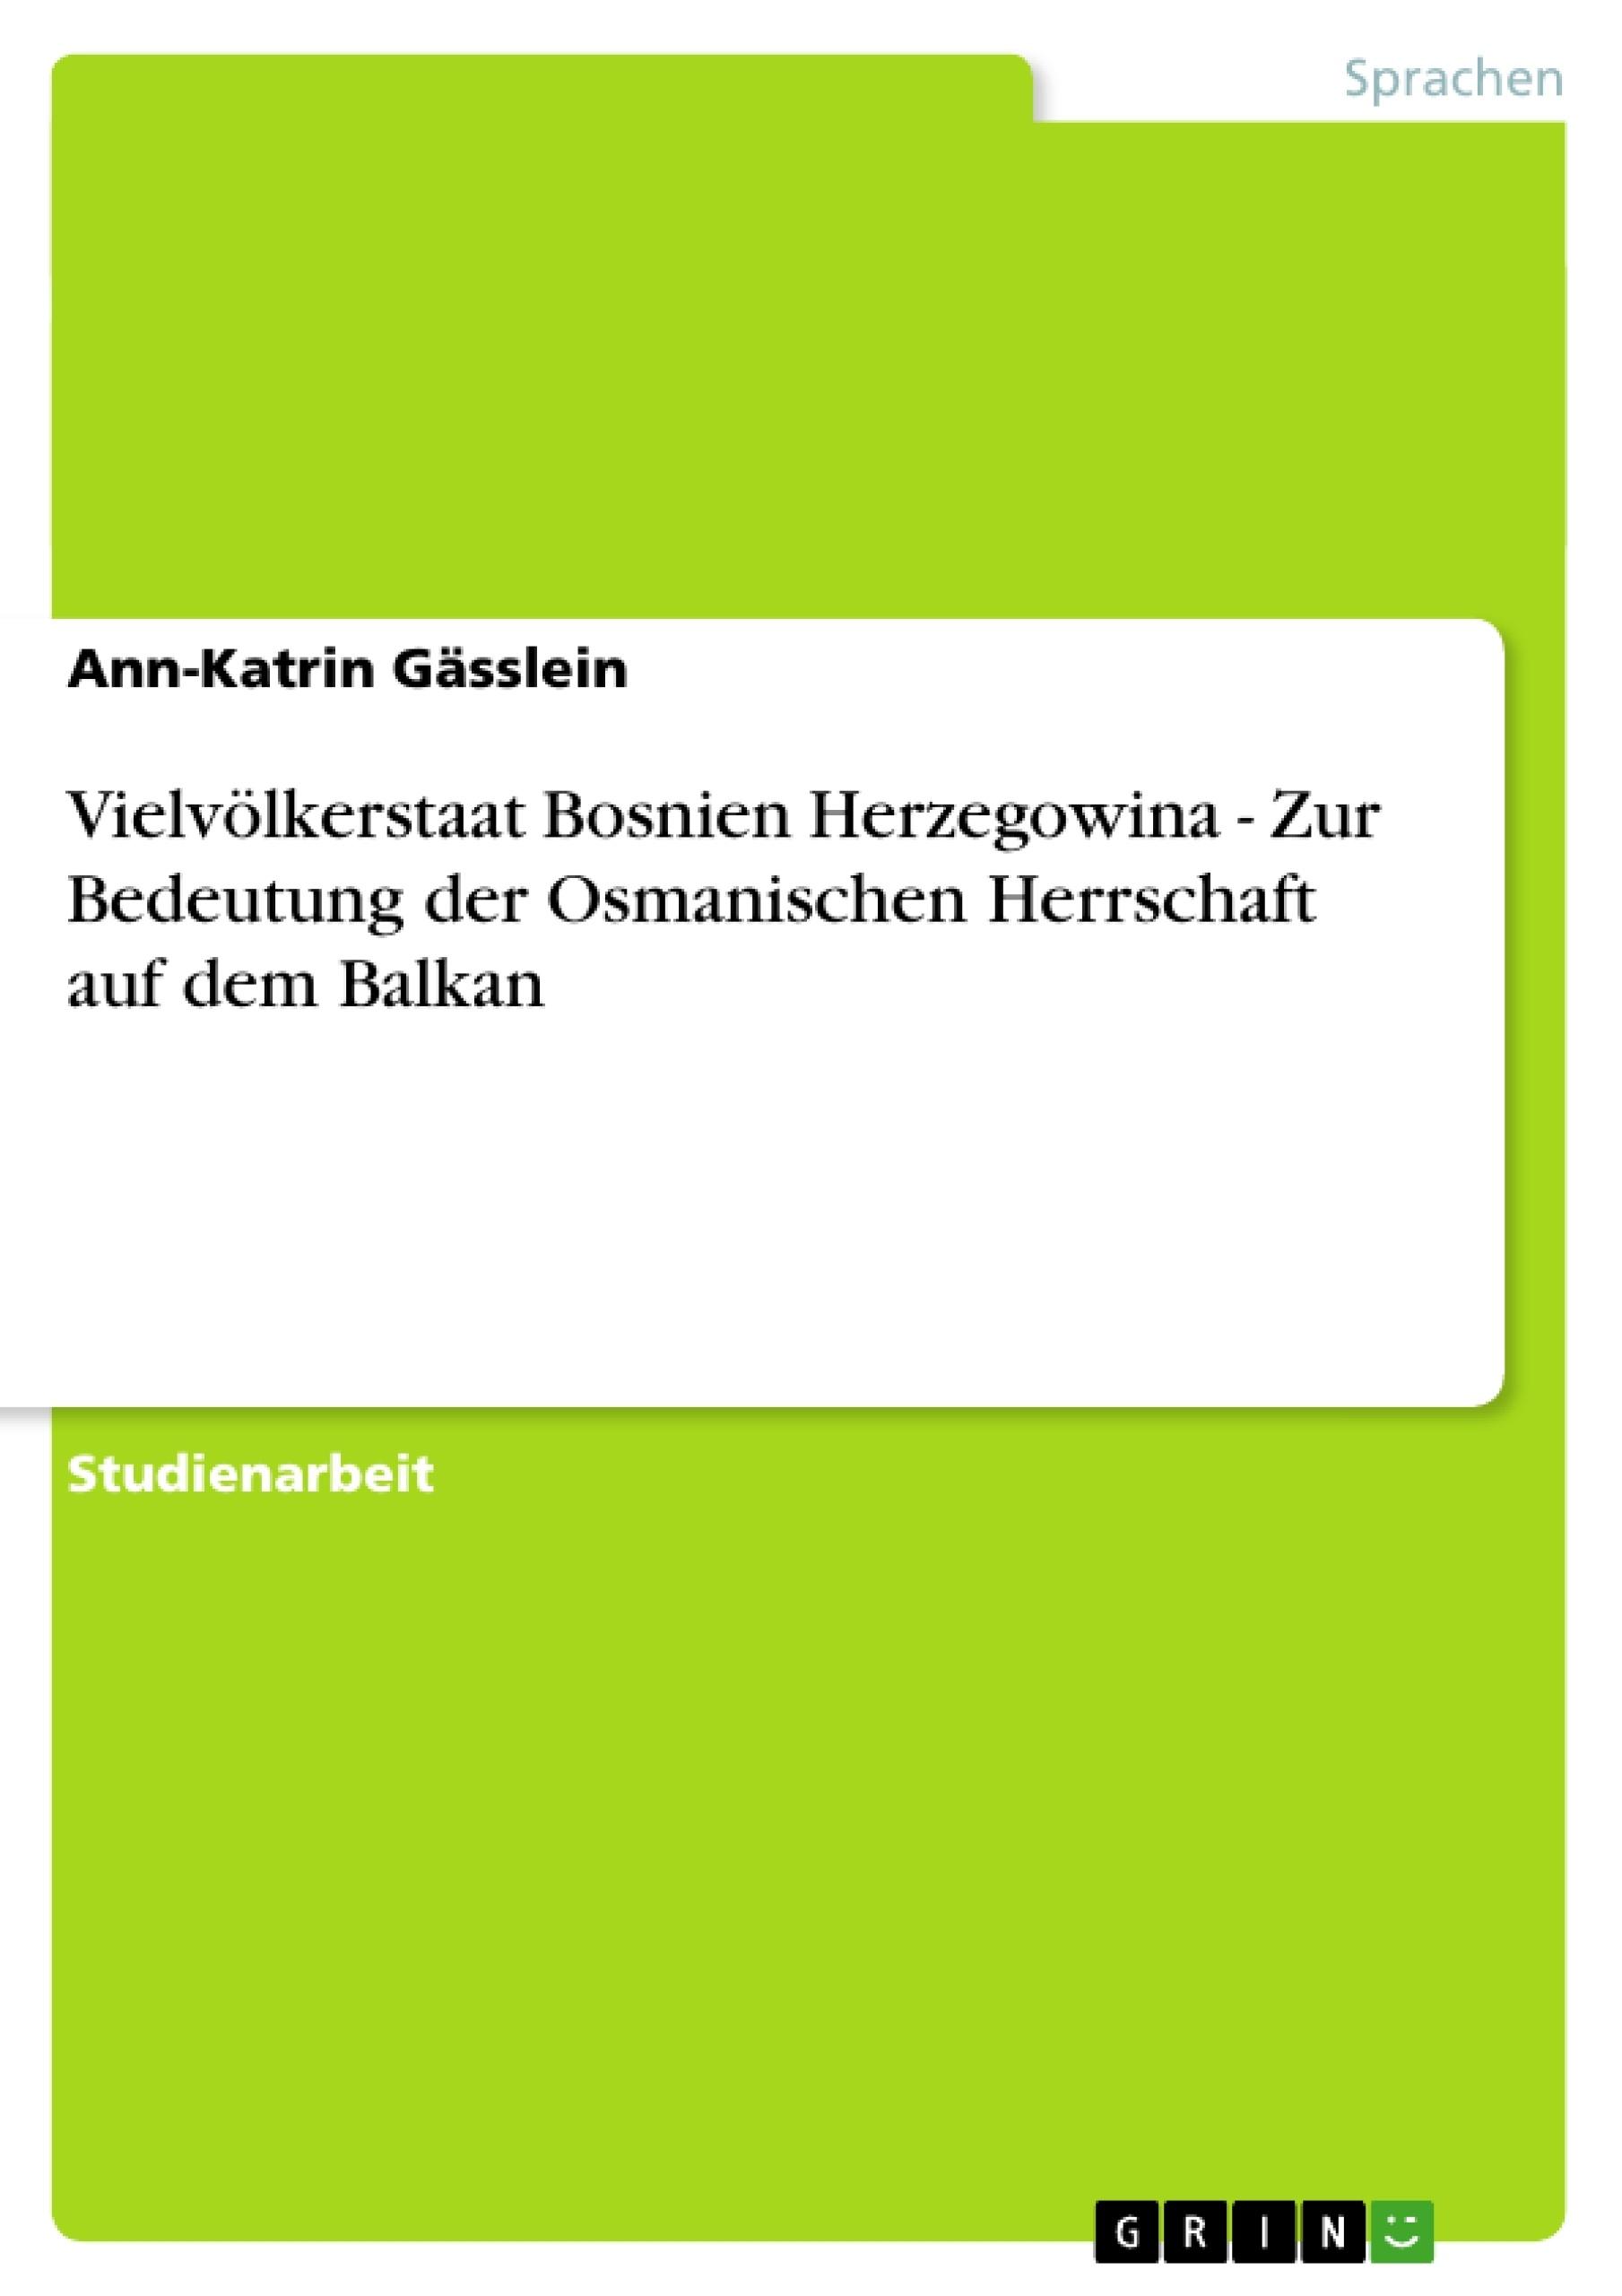 Titel: Vielvölkerstaat Bosnien Herzegowina - Zur Bedeutung der Osmanischen Herrschaft auf dem Balkan